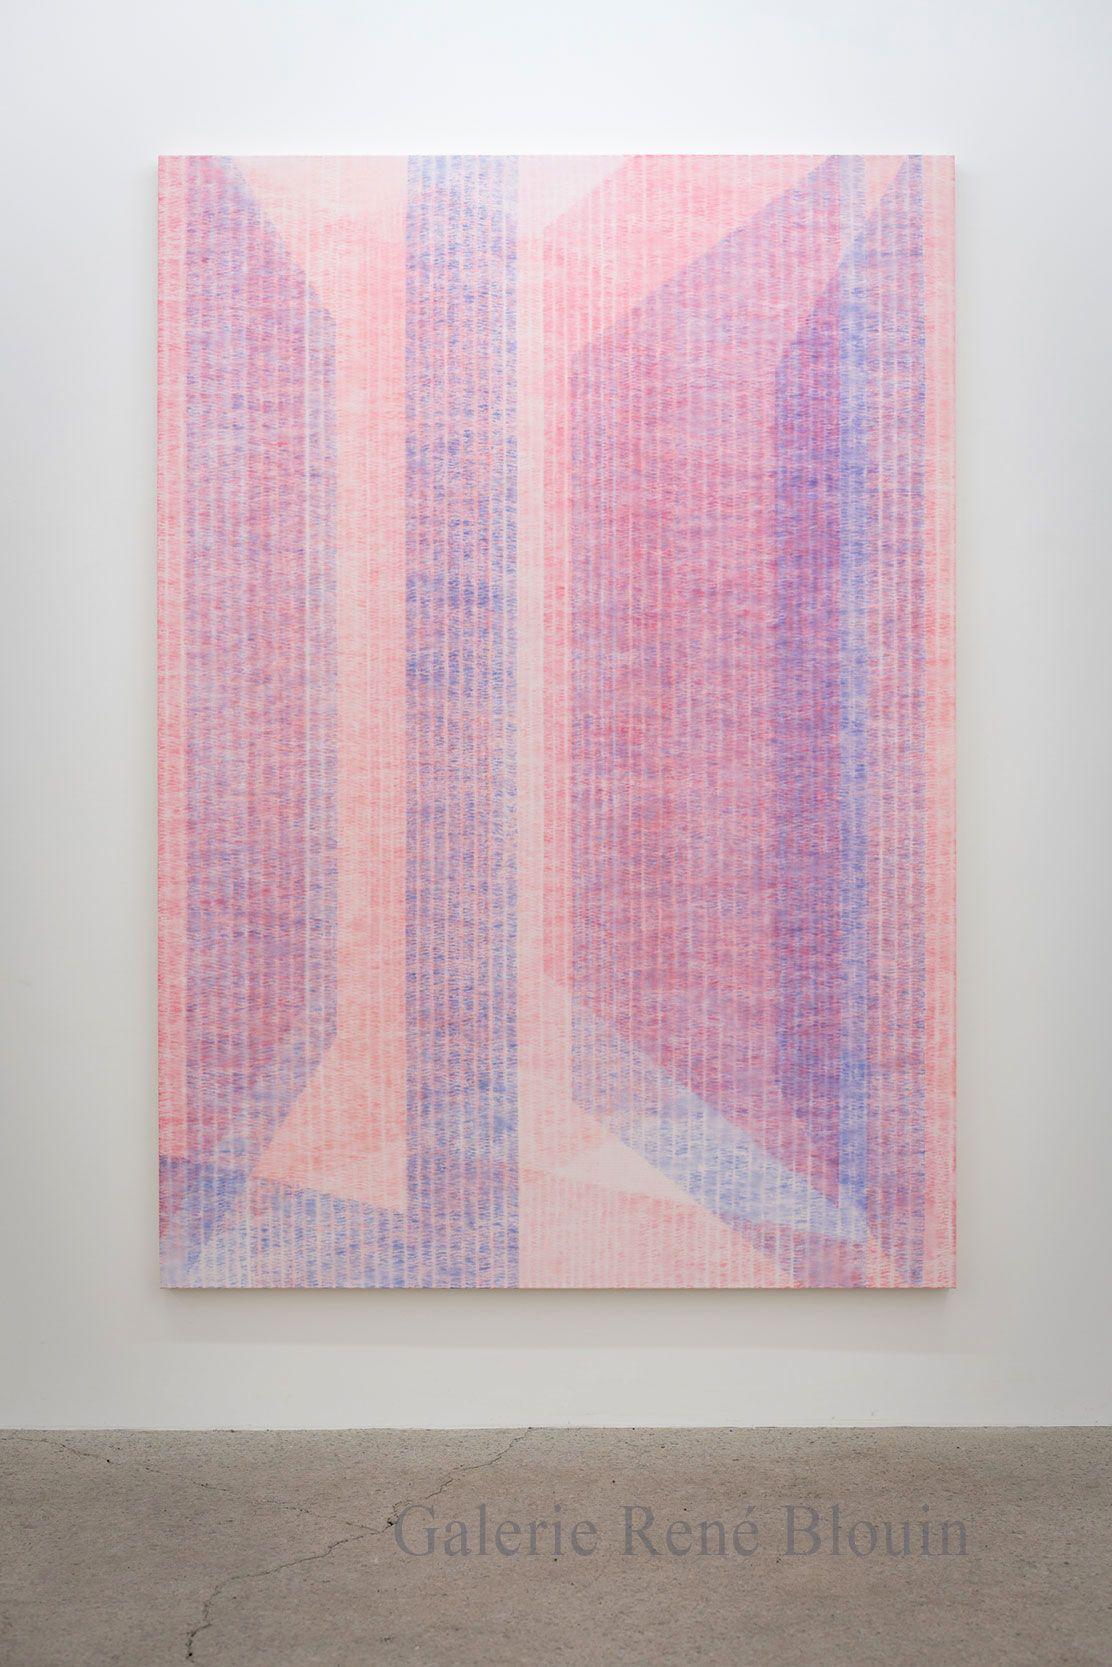 Marie-Claire Blais, Être la porte qui s'ouvre 10, 2017, acrylique sur toile, 216 x 152 cm /85 x 60 pouces. Photo : Marie-Claire Blais